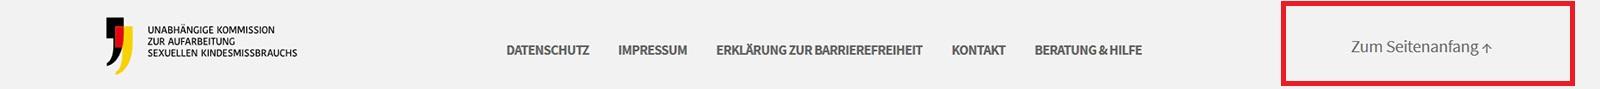 """Screenshot des Footers der Webseite mit Hervorhebung von """"Zum Seitenanfang"""""""